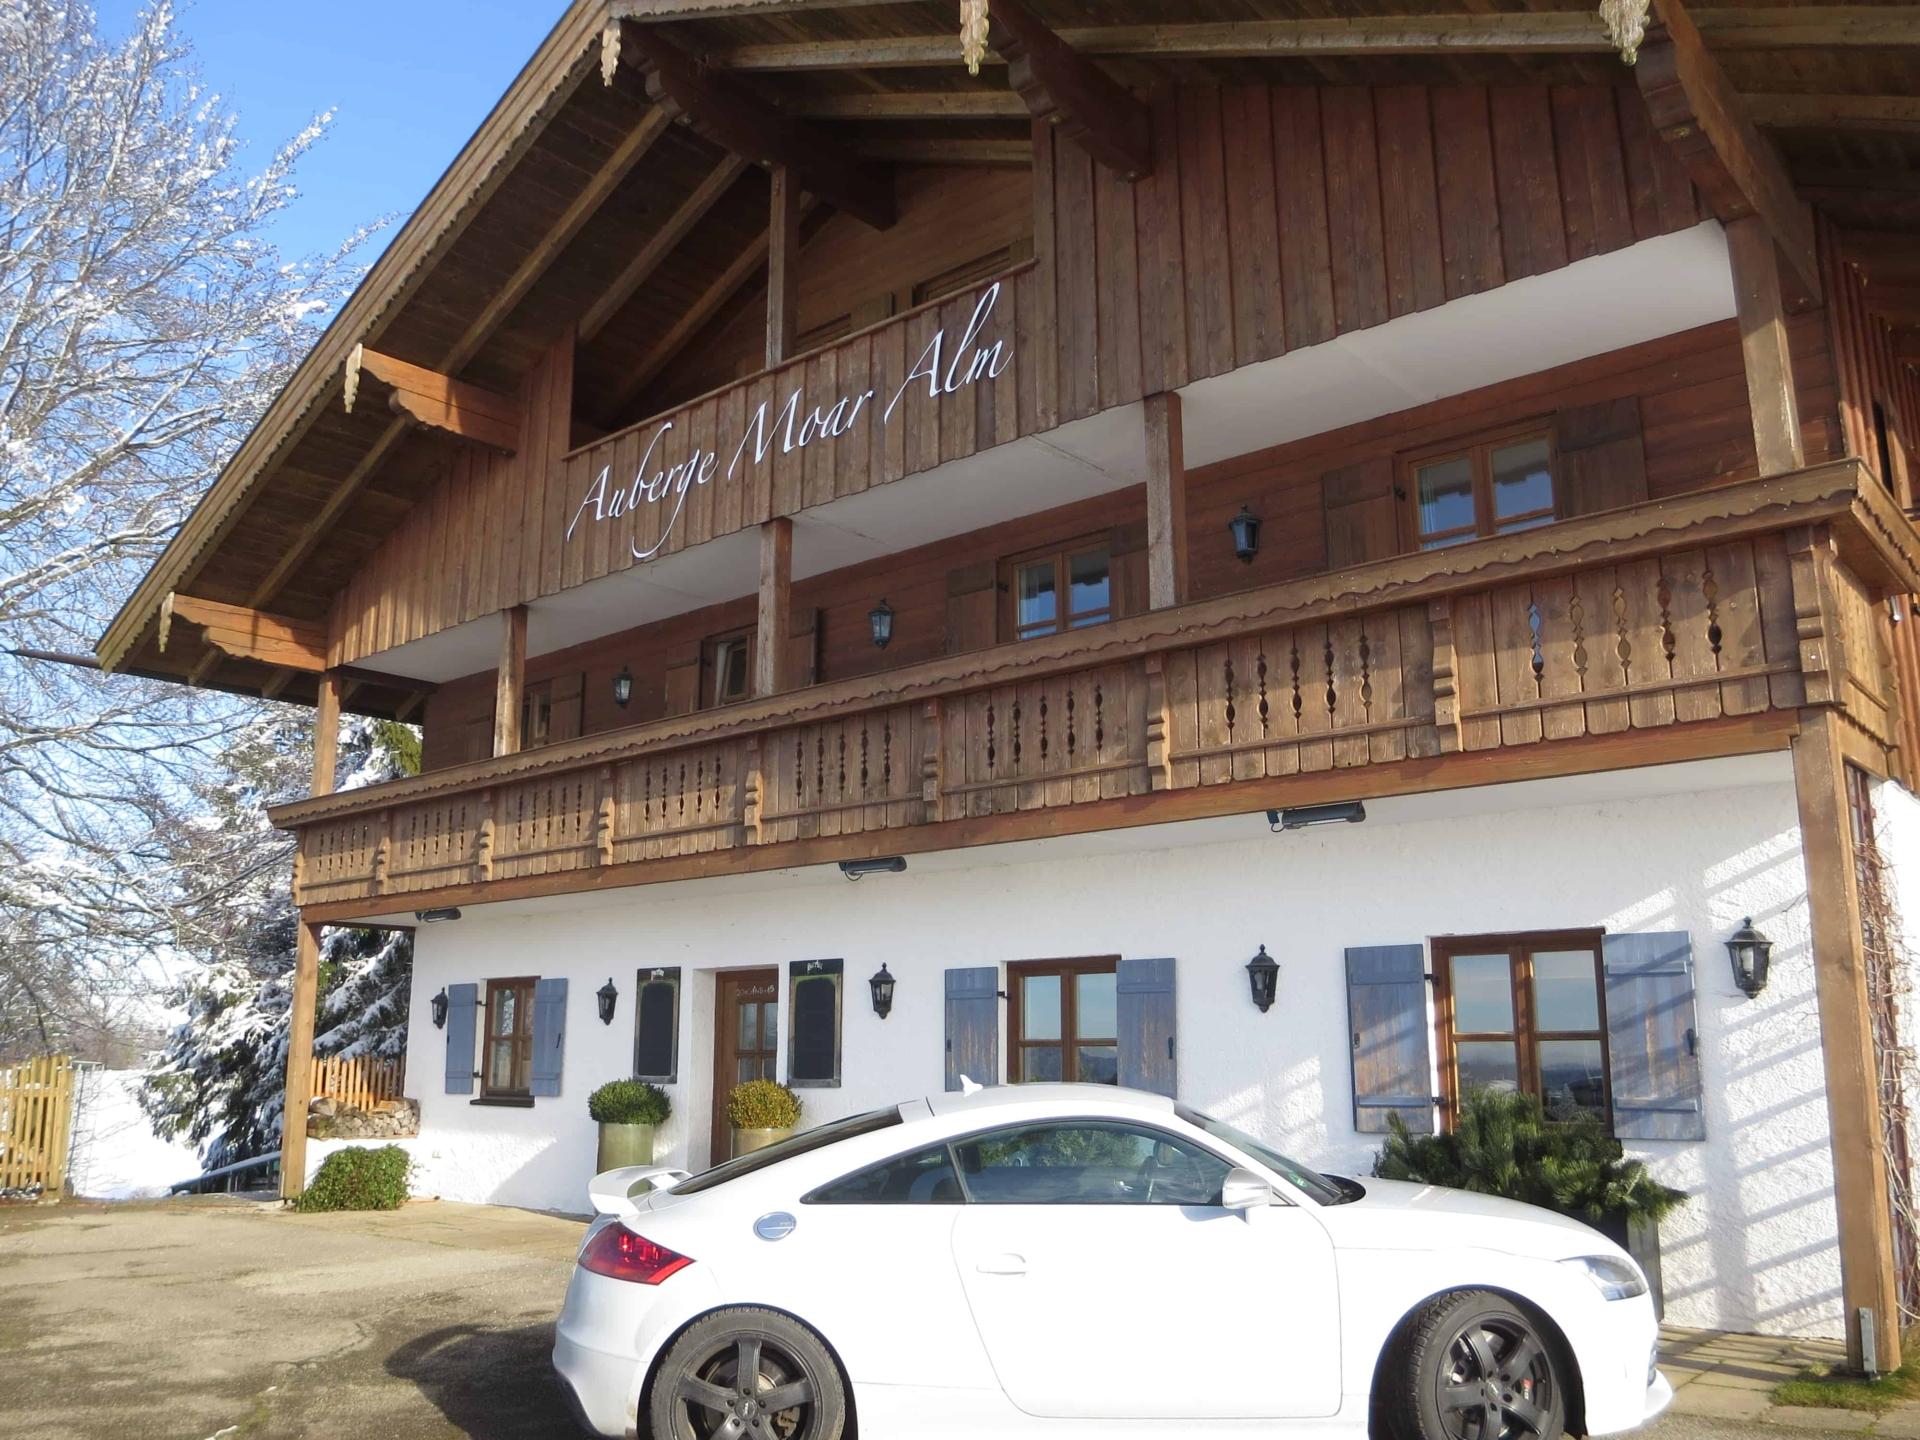 00 Franzoesisches Restaurant Auberge Moar Alm Sachsenkam